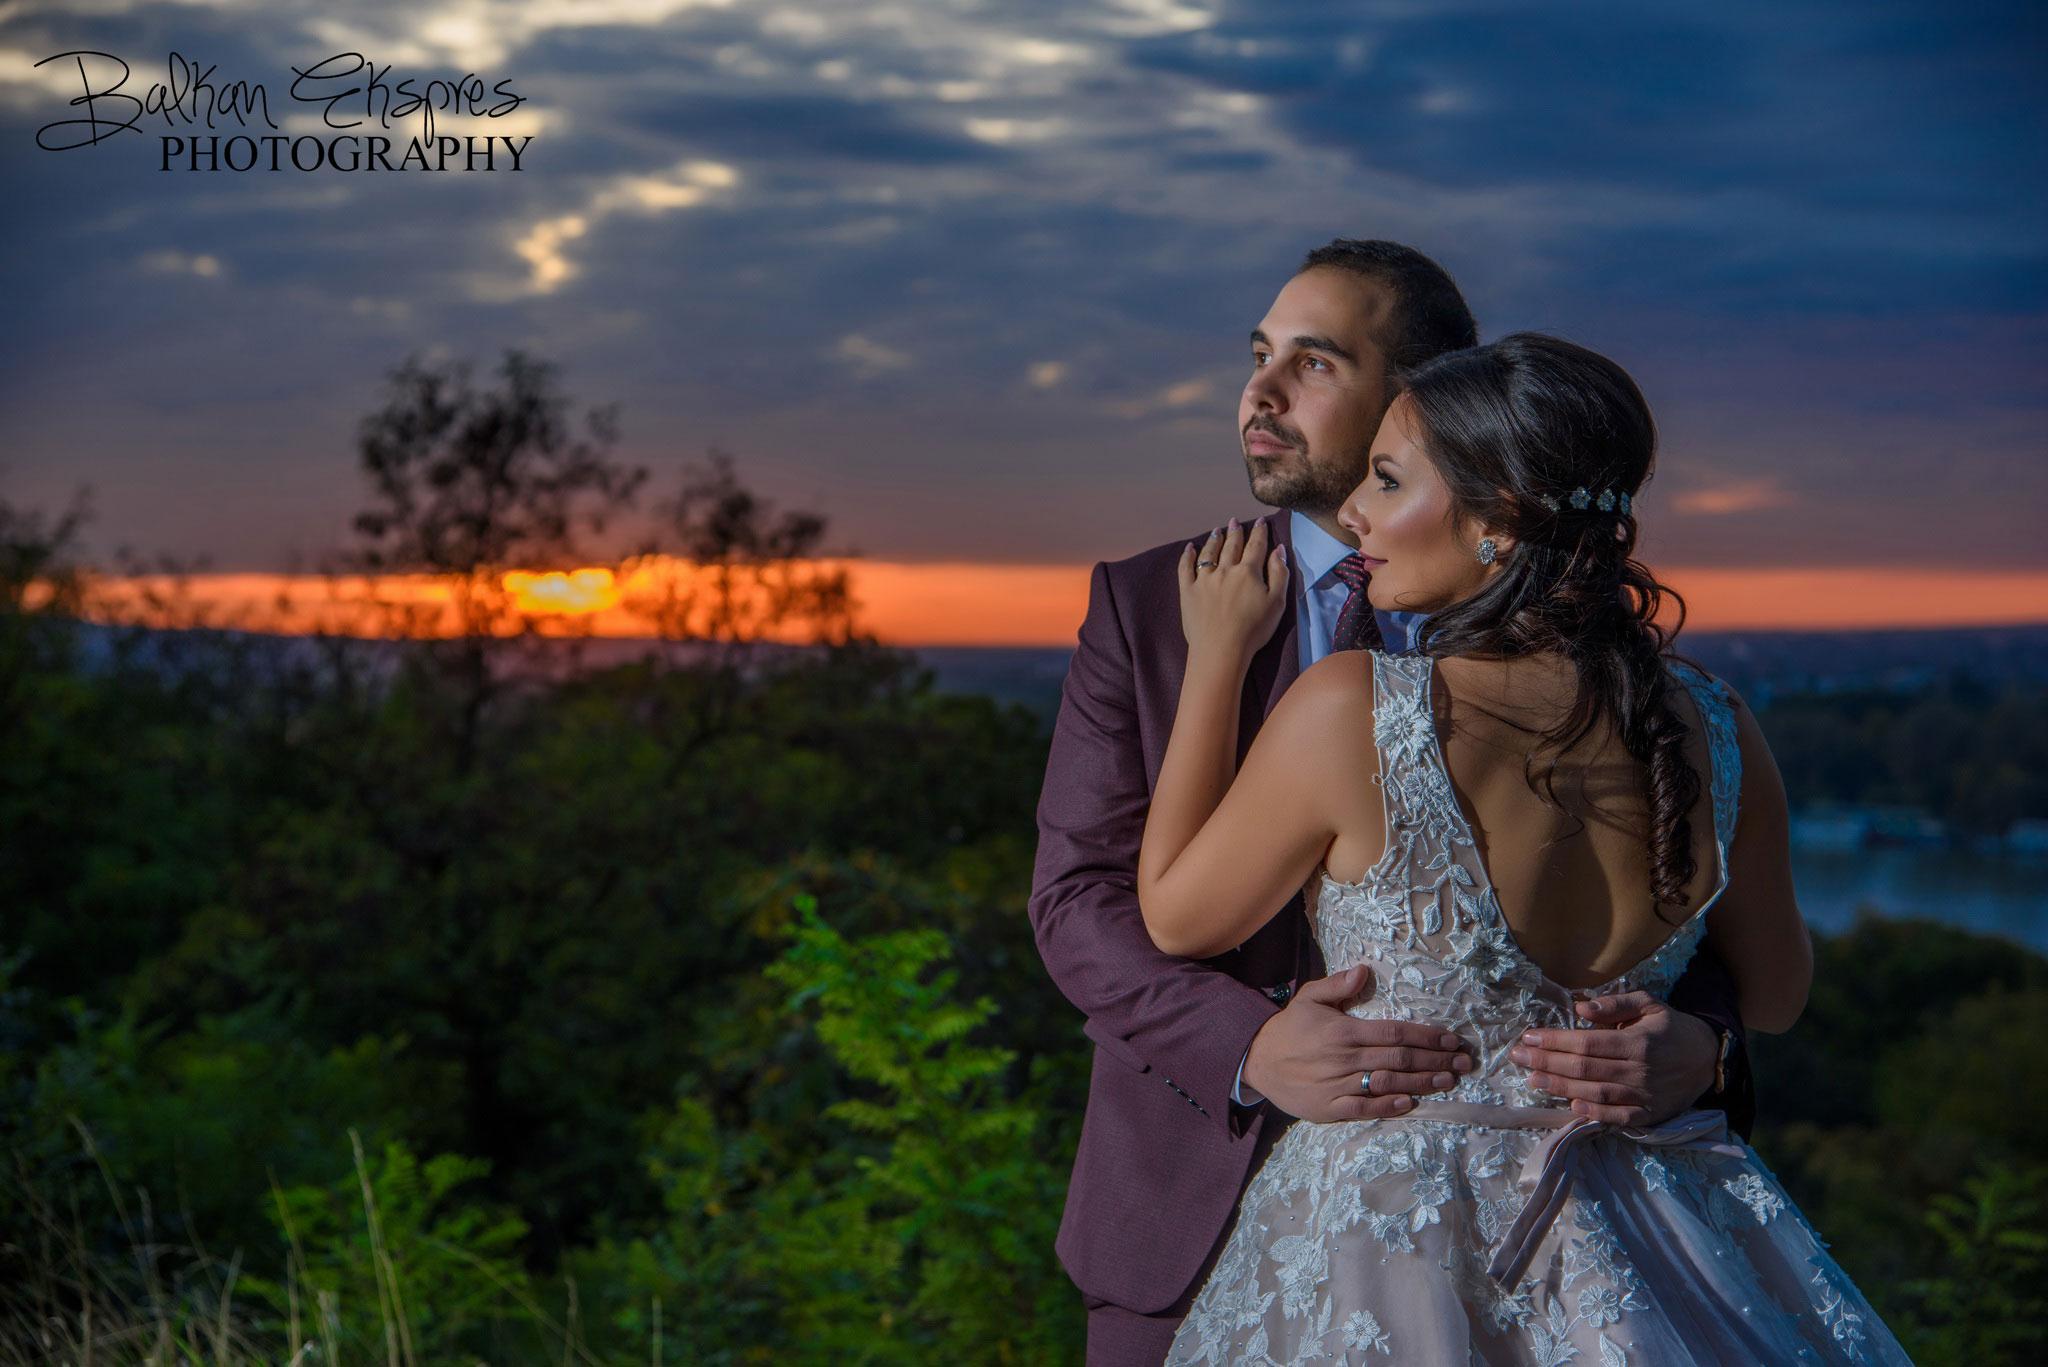 Ljubav i romantika u slici  BEX_5431